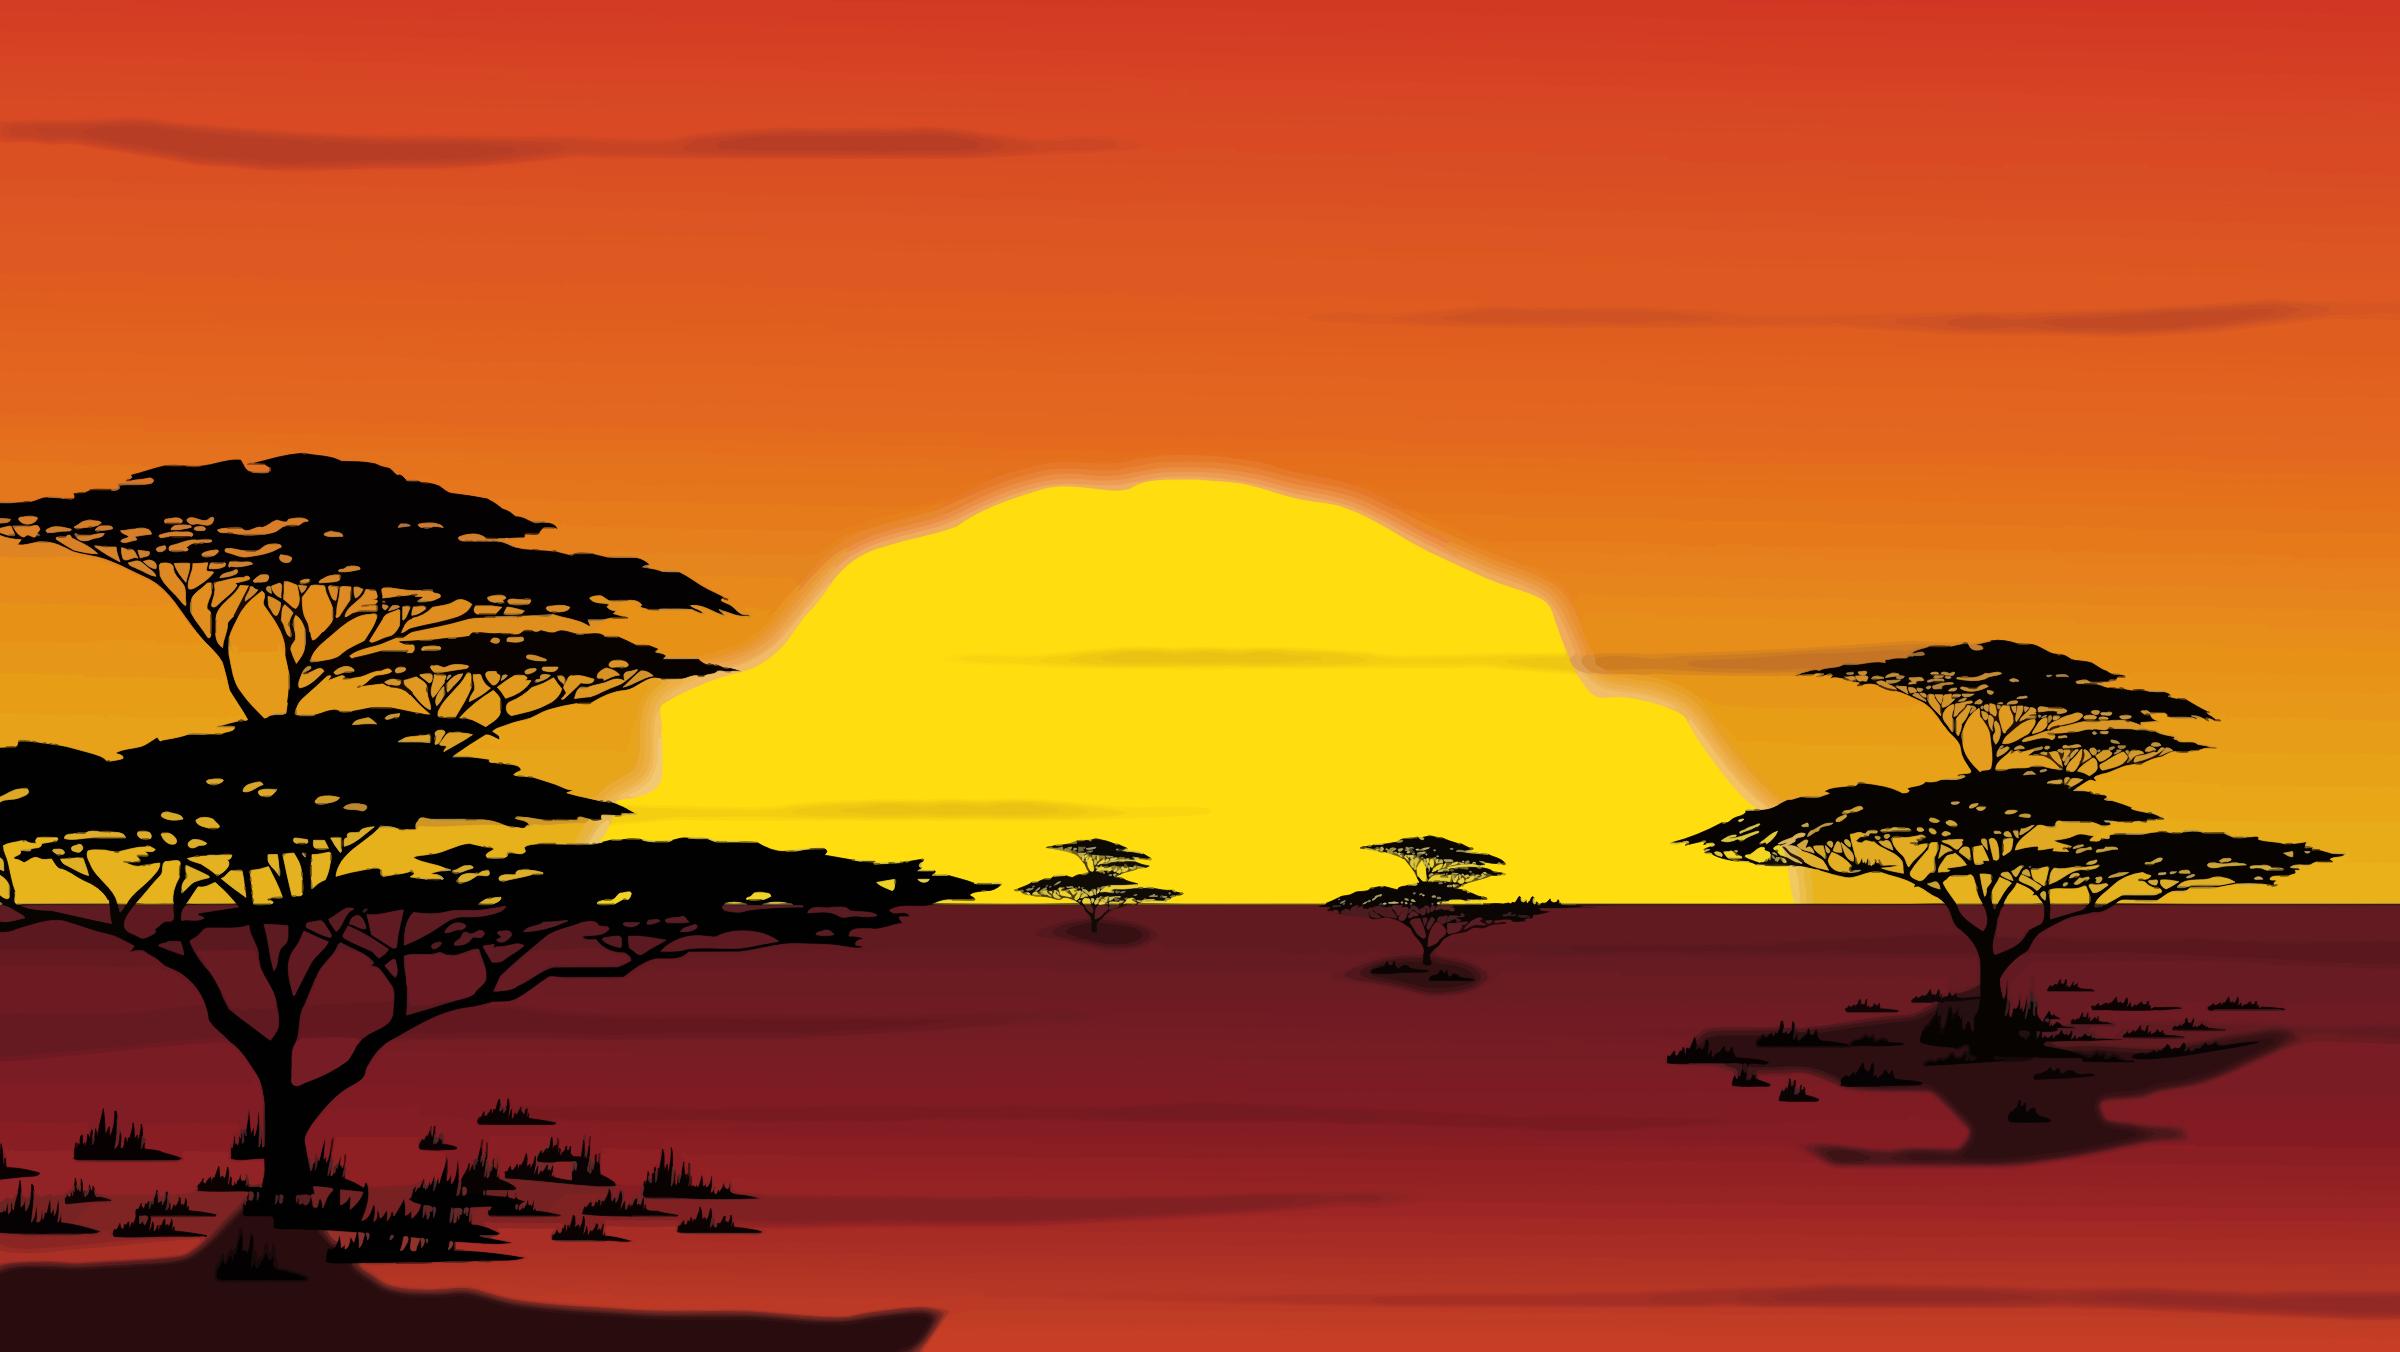 Savannah clipart Sunset Savannah Clipart Sunset Savannah